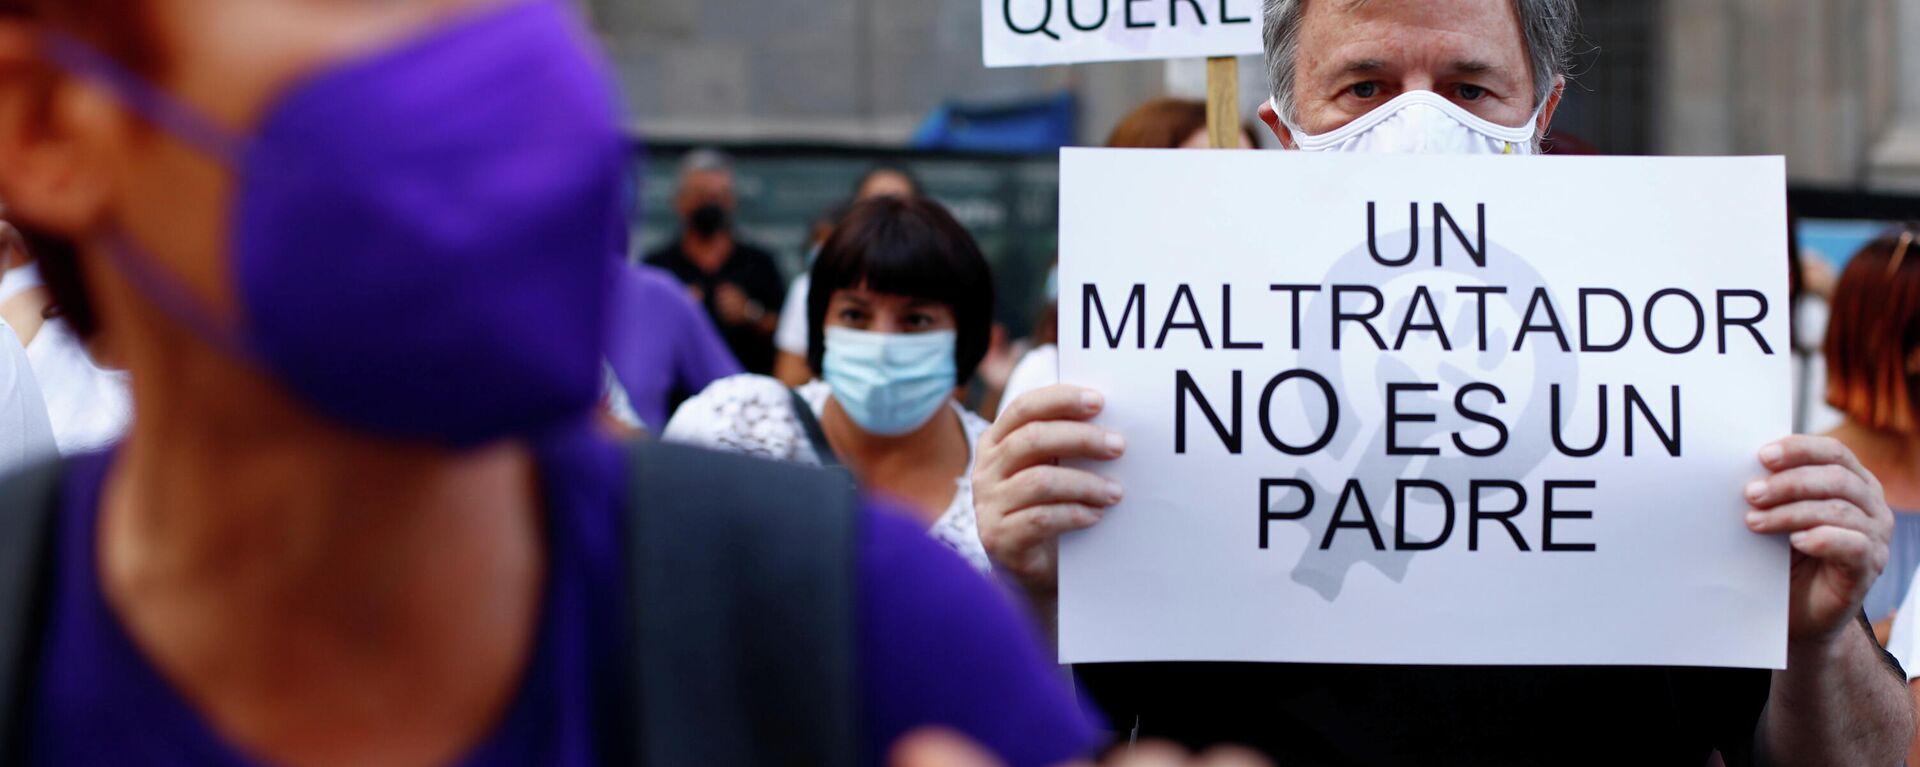 Protesta contra la violencia de género en España - Sputnik Mundo, 1920, 13.06.2021